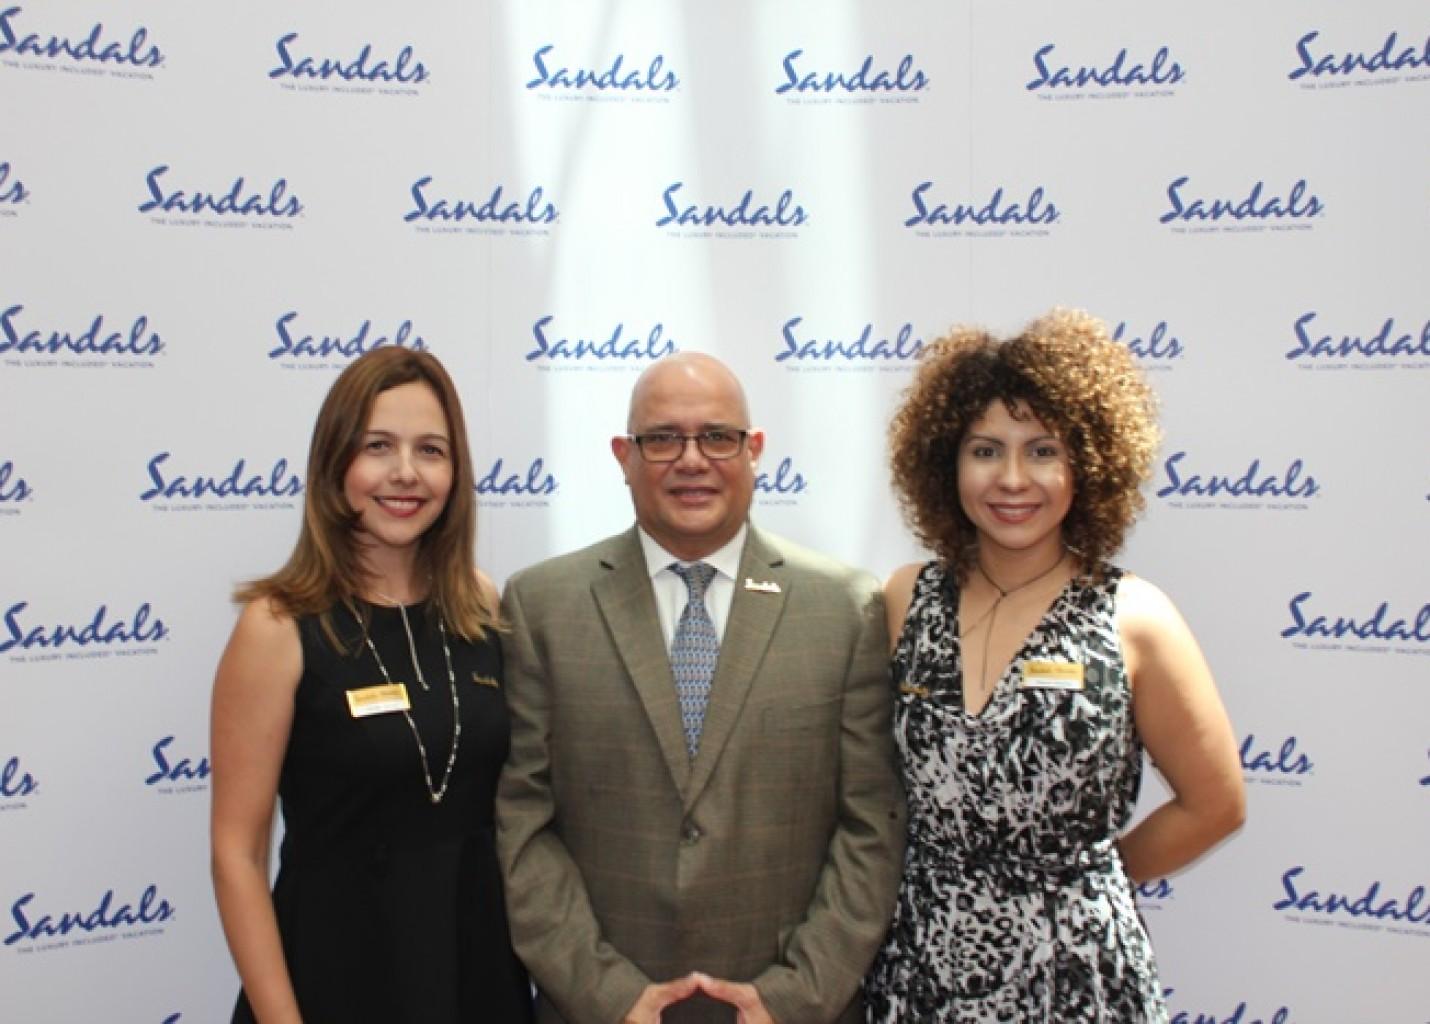 Sandals comemora crescimento no Brasil e se prepara para aumentar equipe no país; fotos